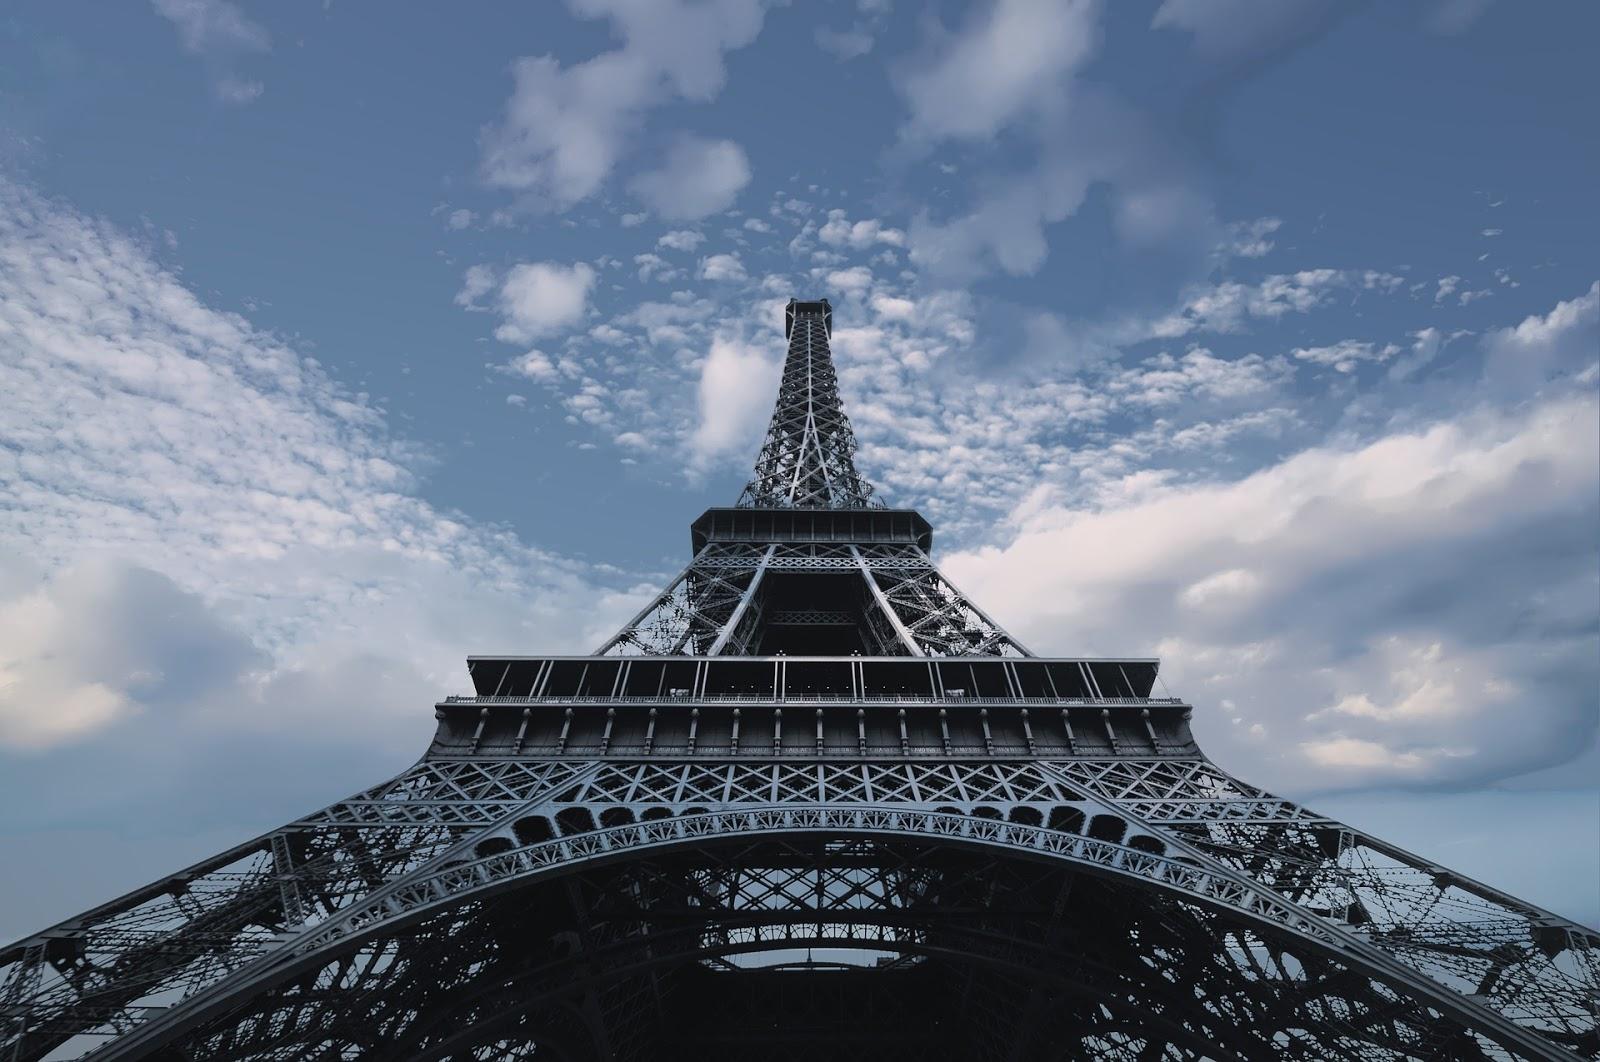 Hình ảnh tháp Eiffel góc chụp từ chân tháp nhìn lên